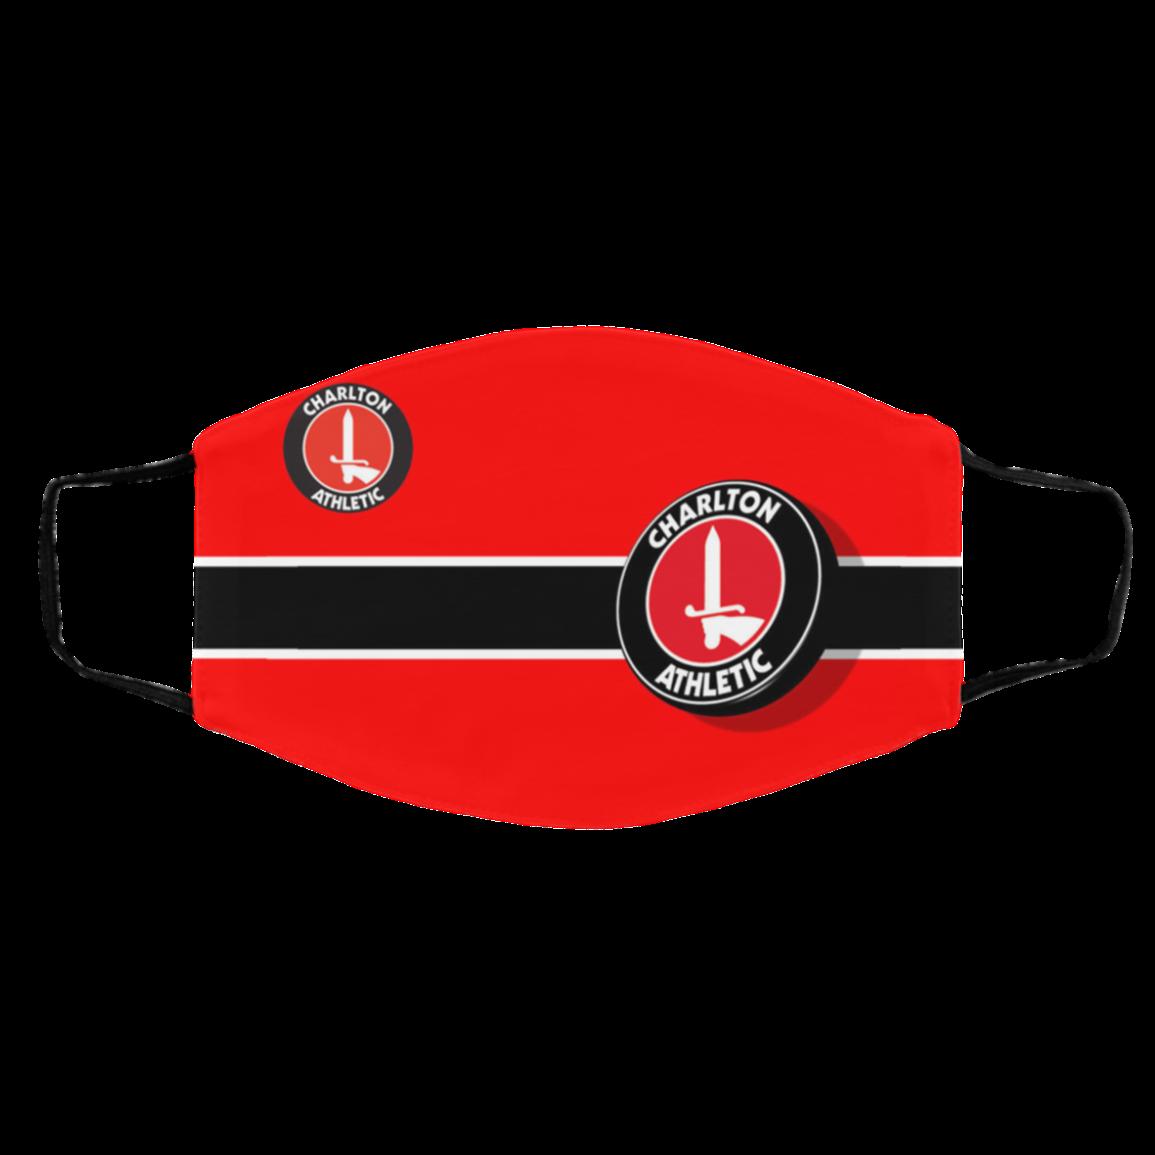 Un-ive-rsity Of Char-lton Athletic FC Face Masks